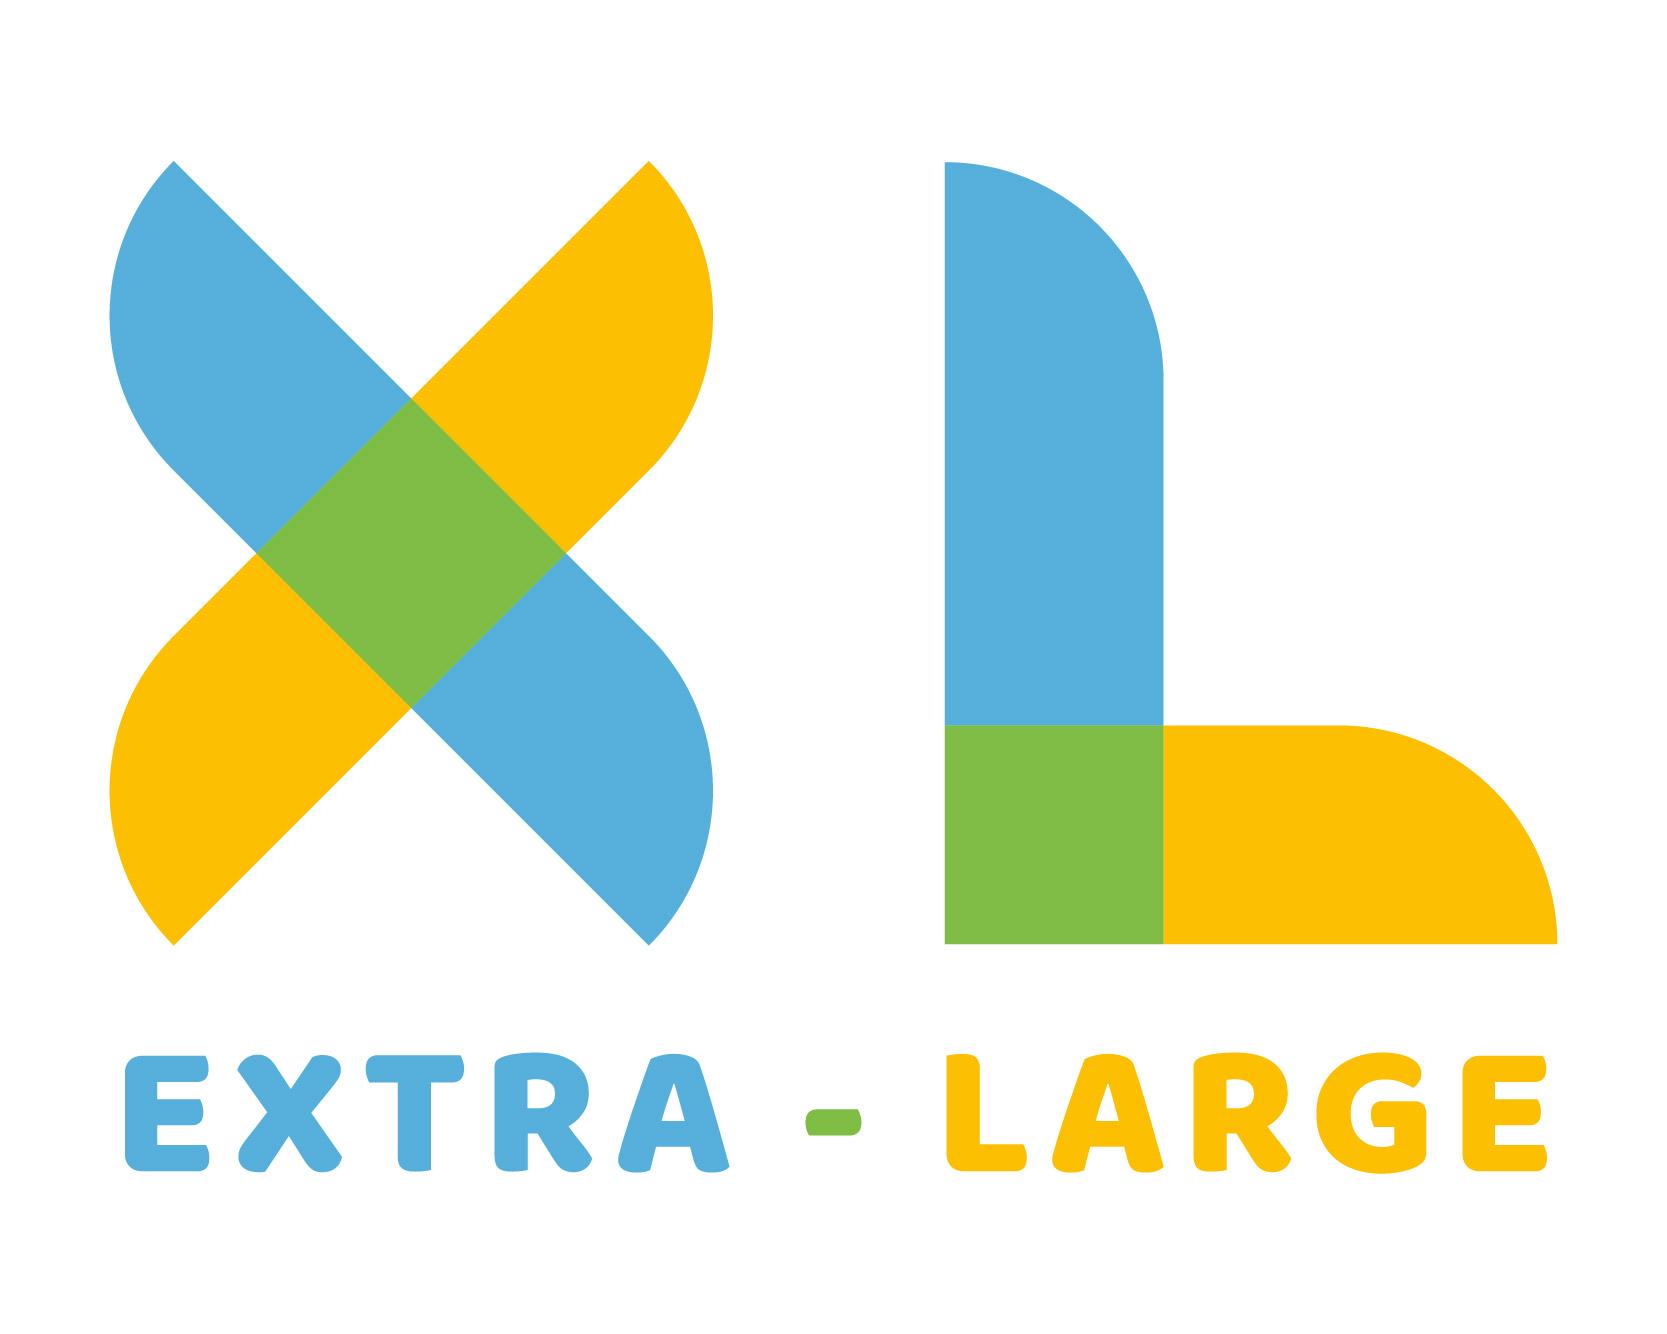 Extra-Large